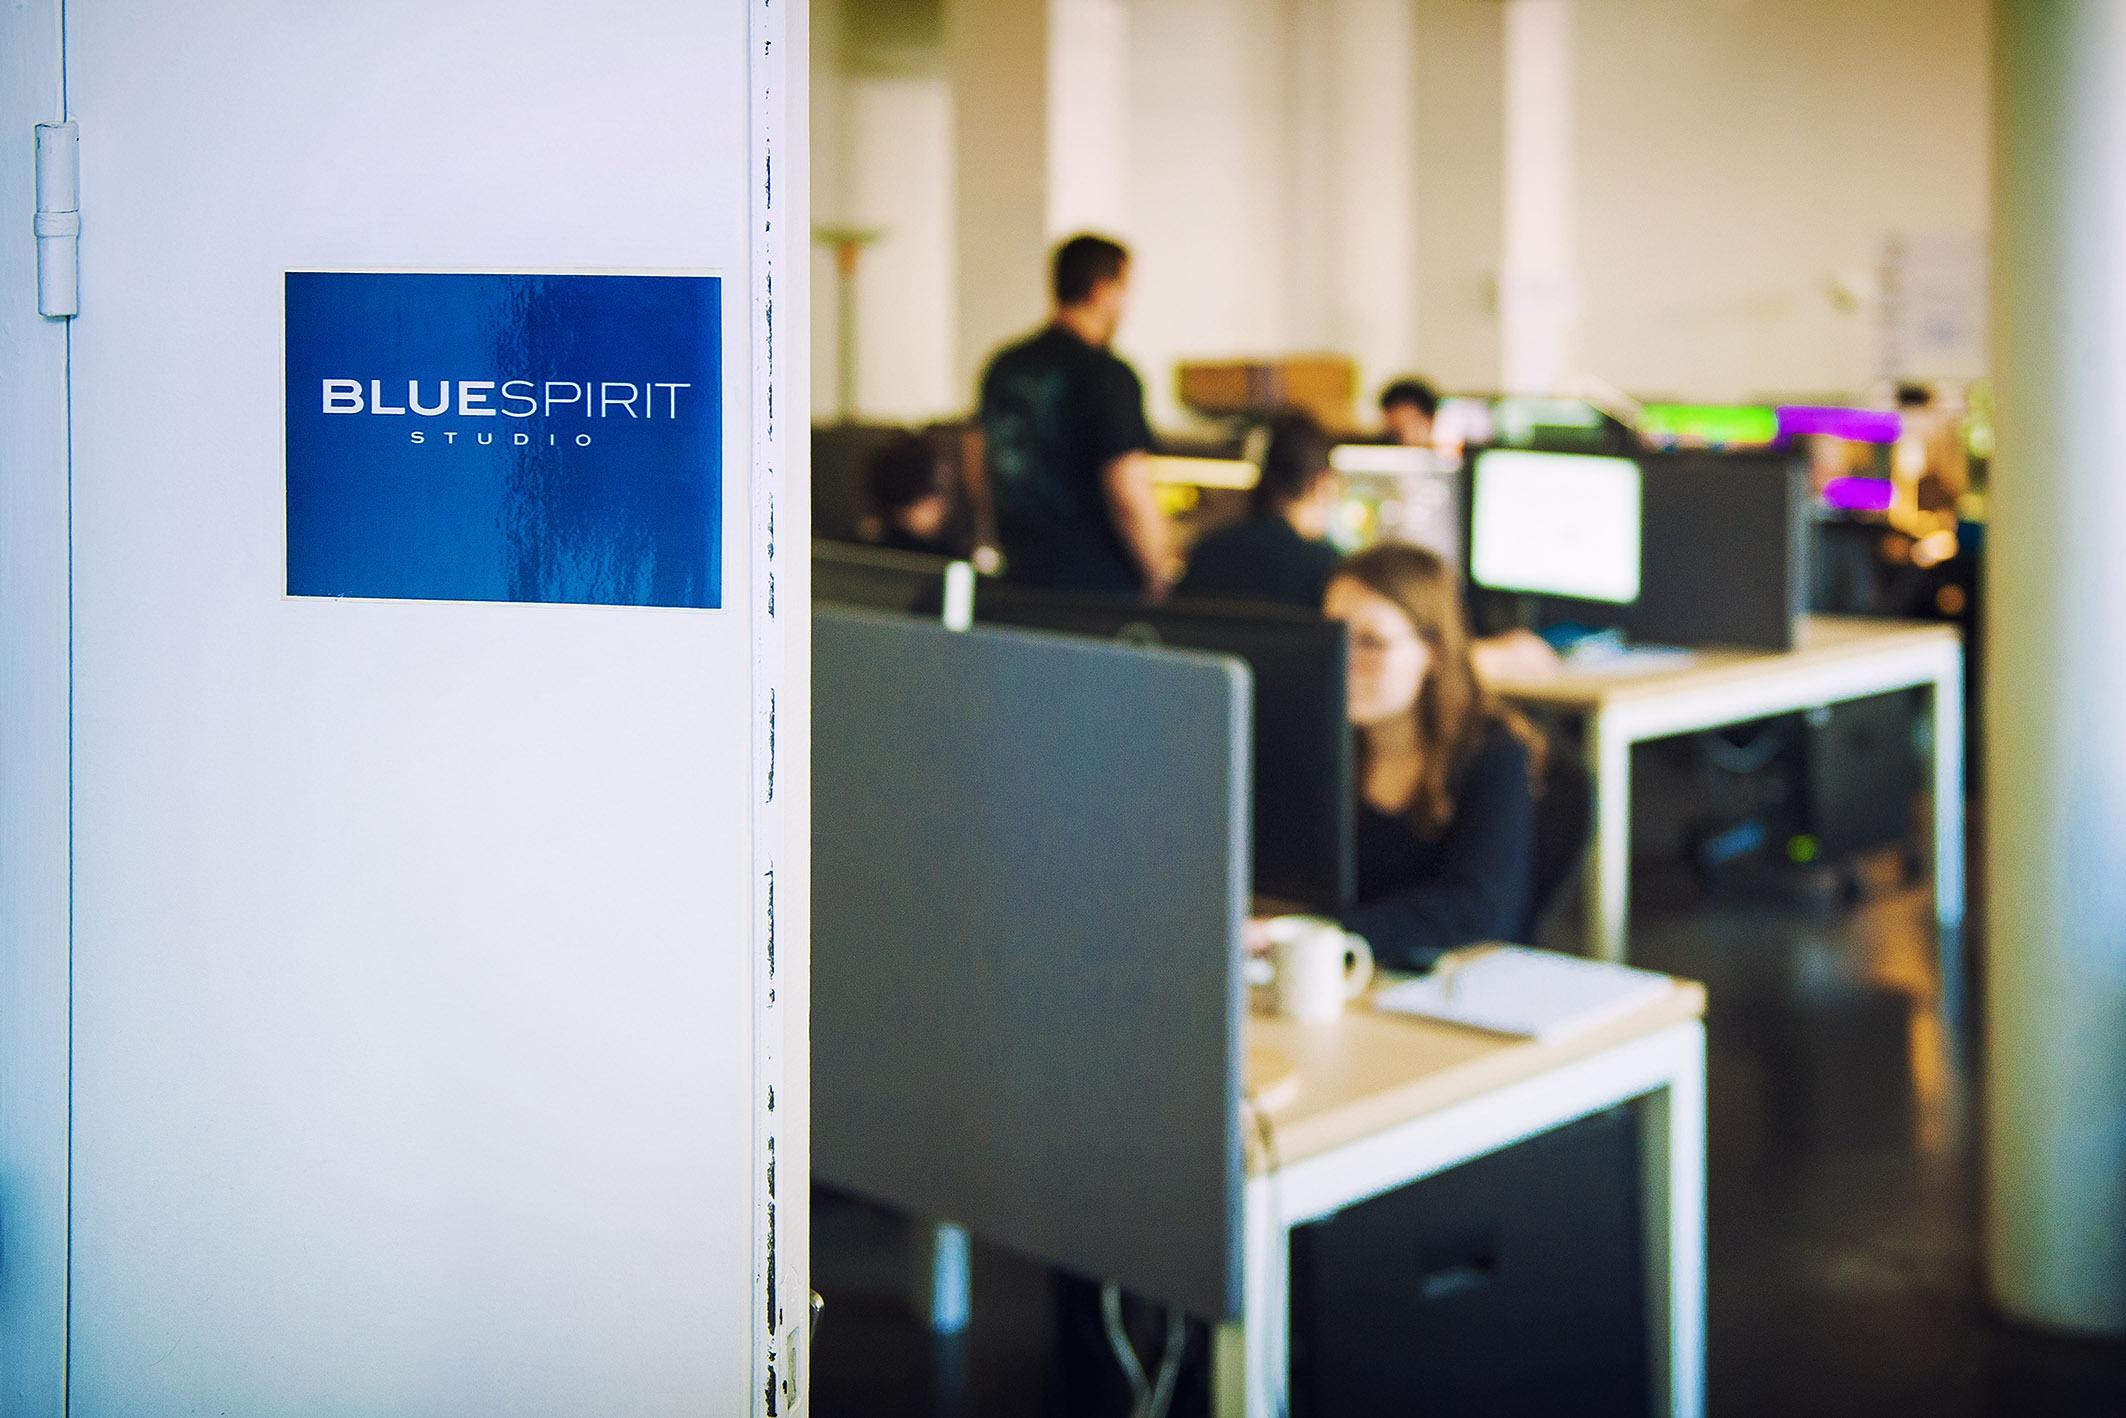 BLUE SPIRIT 1